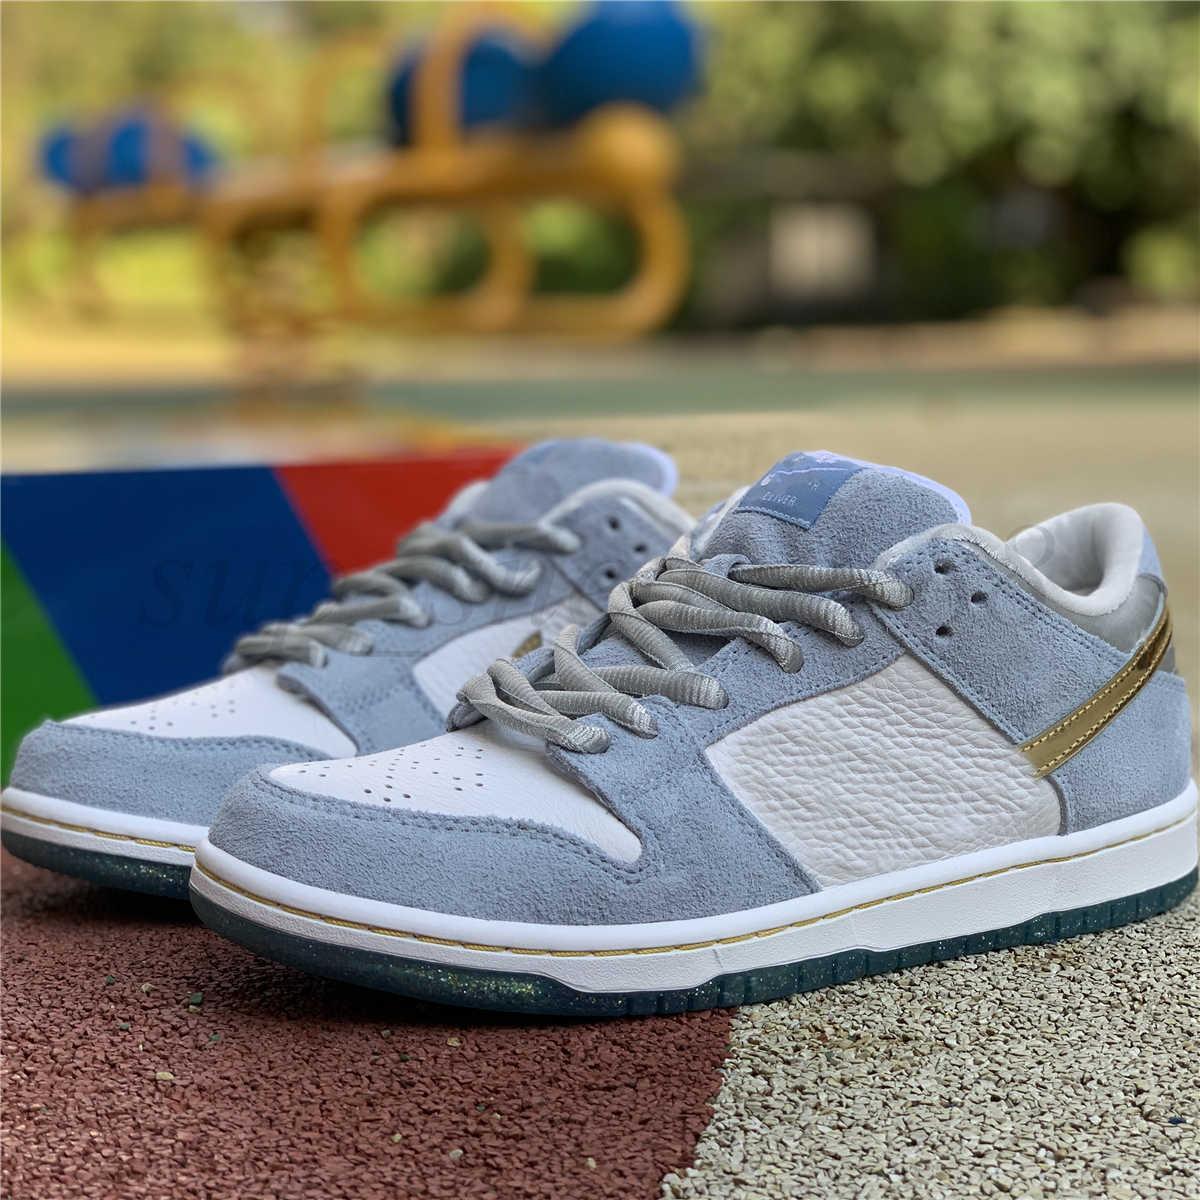 2021 Sean Cliver X Düşük Pro QS YY Tatil Özel Ayakkabı Beyaz Mavi Altın Kadın Rahat Ayakkabı Eğitmenler Sevgililer Günü Paten Kurulu Sneakers